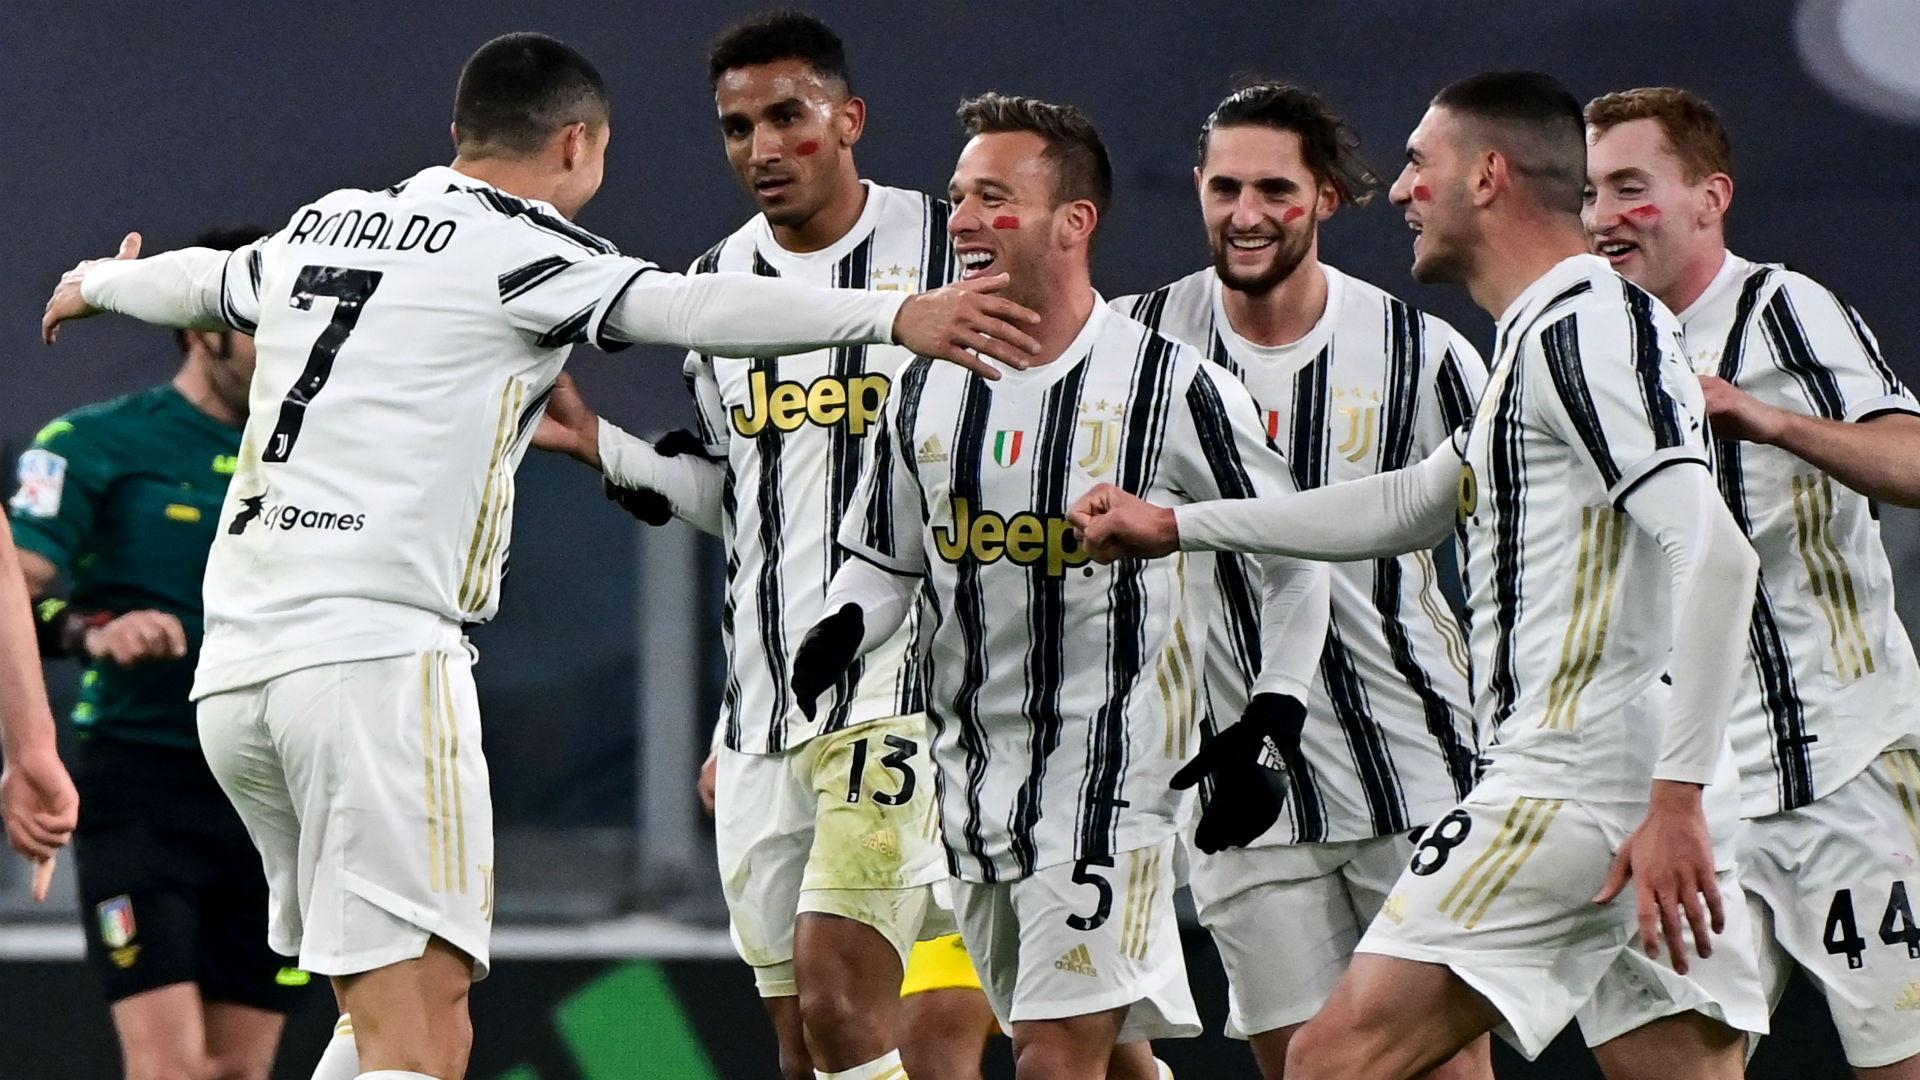 Laporan Pertandingan Juventus Vs Cagliari Goal Com